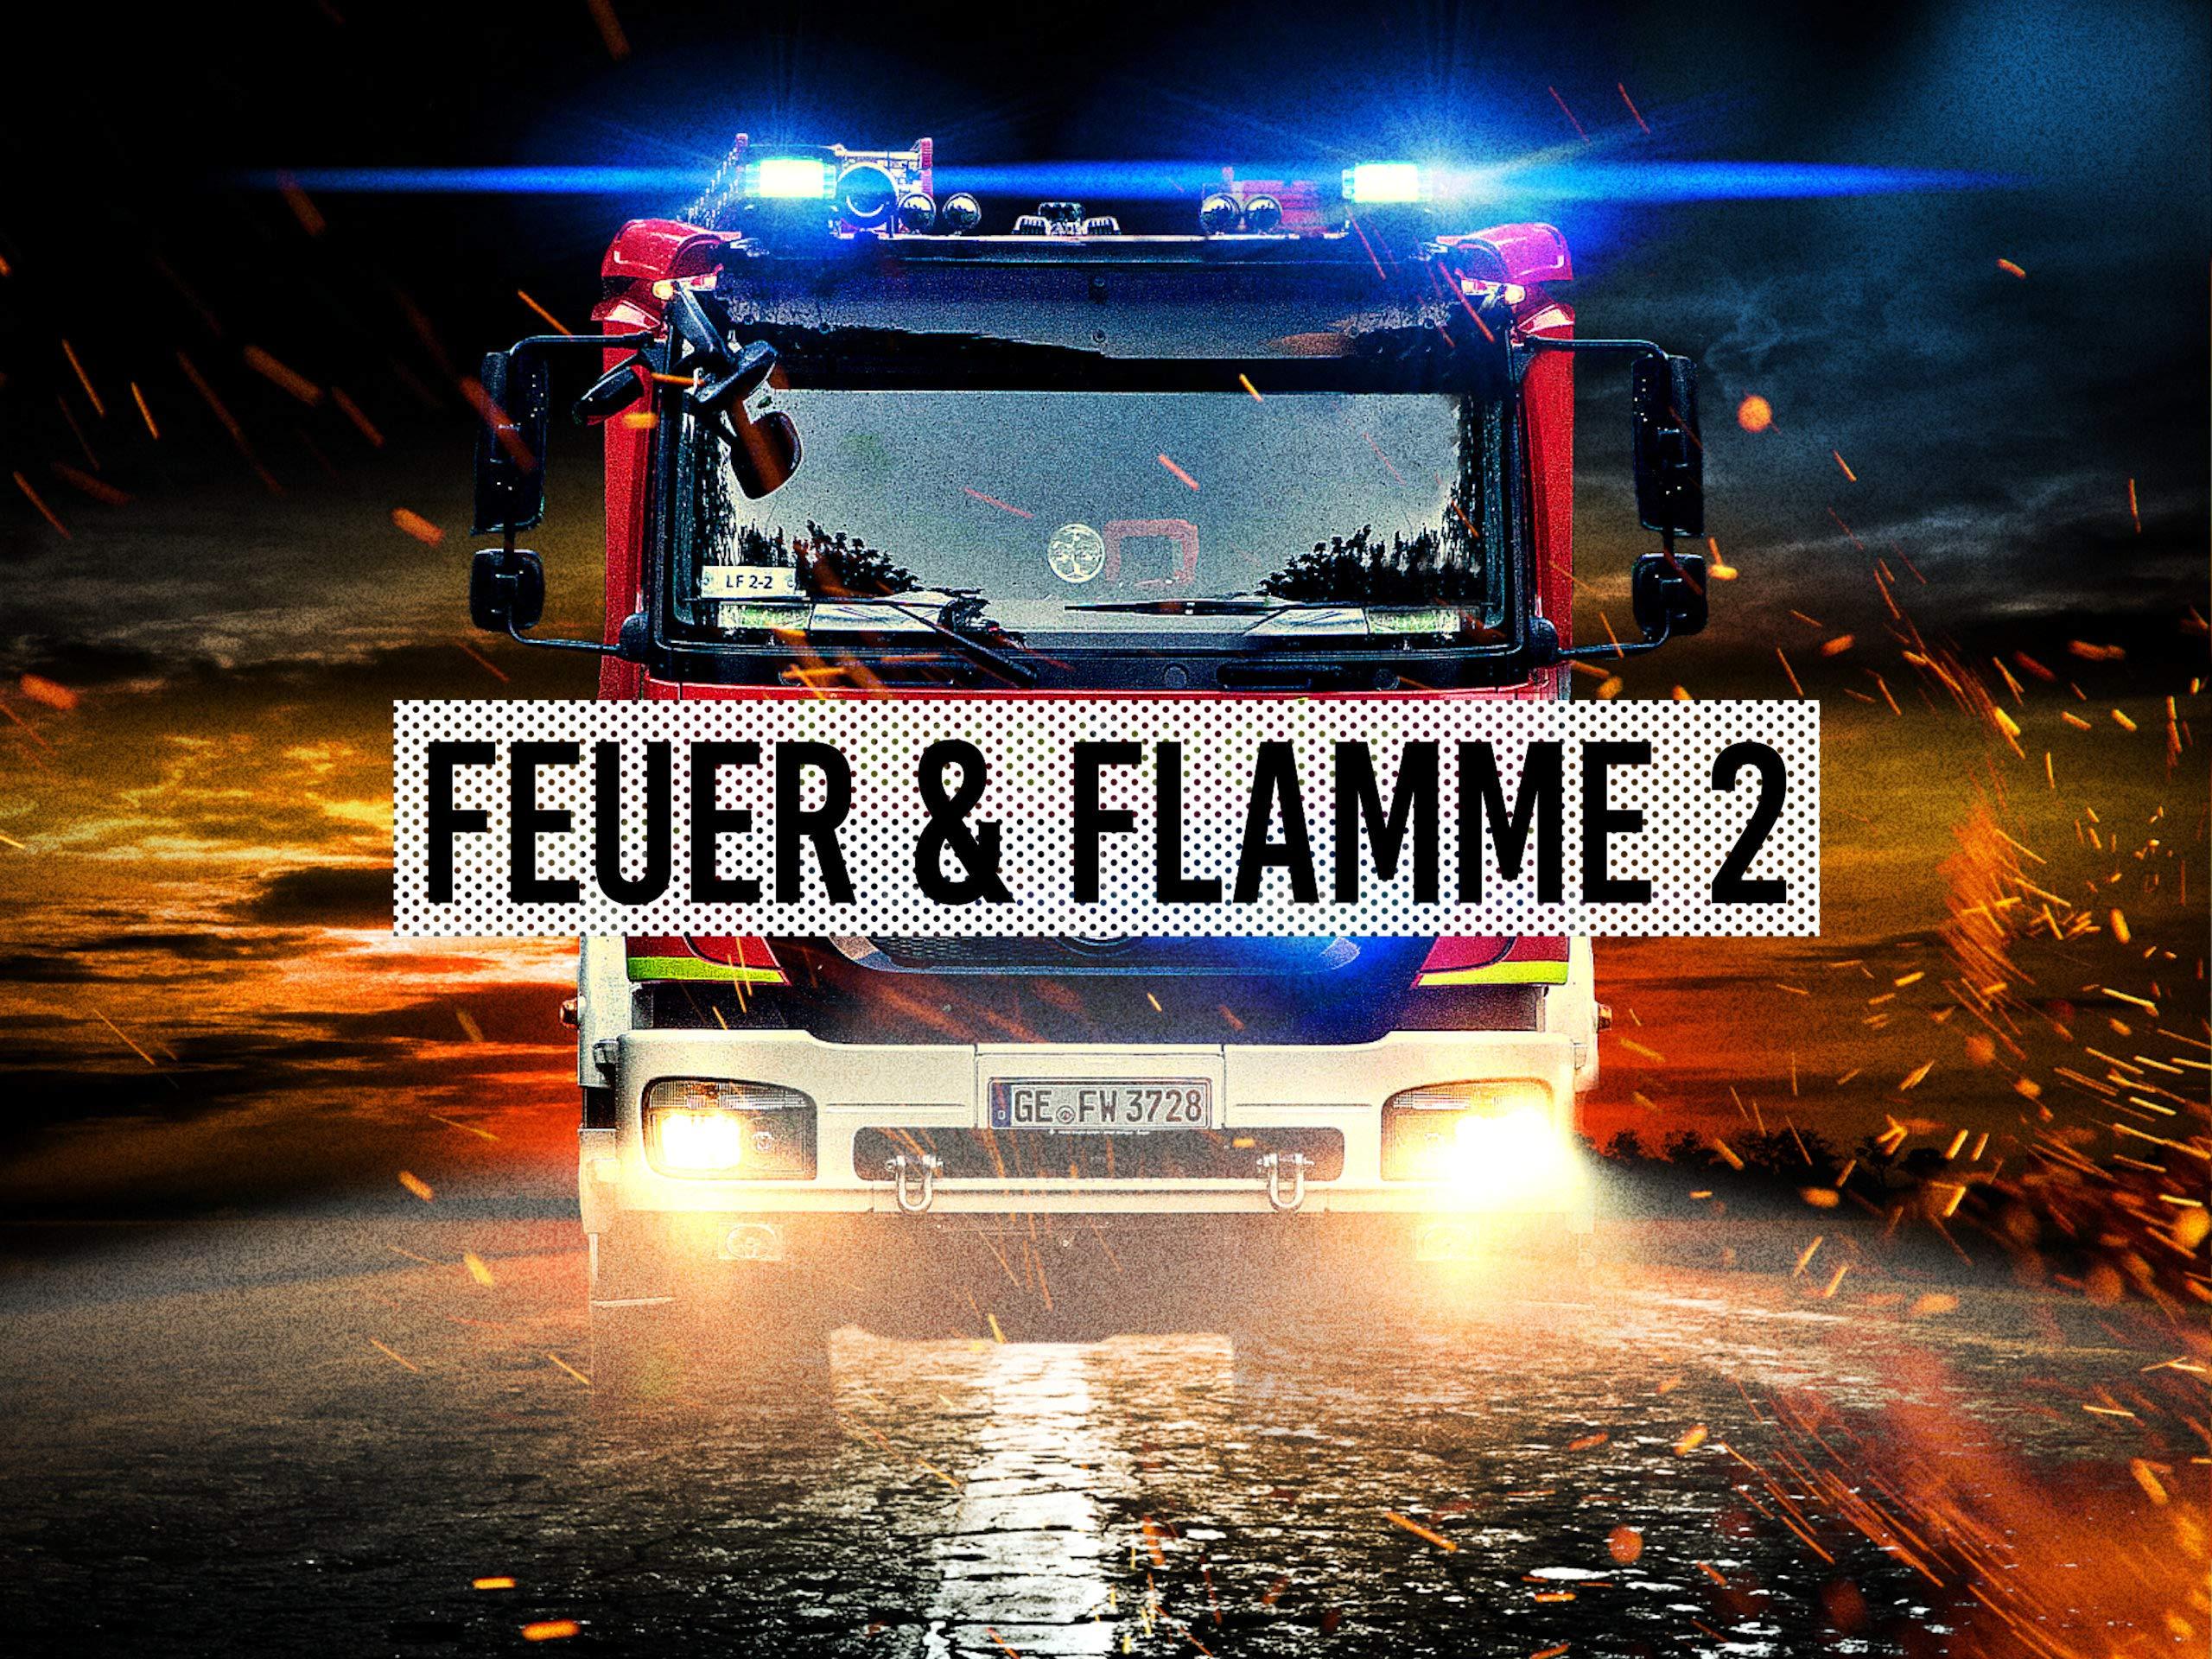 Feuer Und Flamme 2